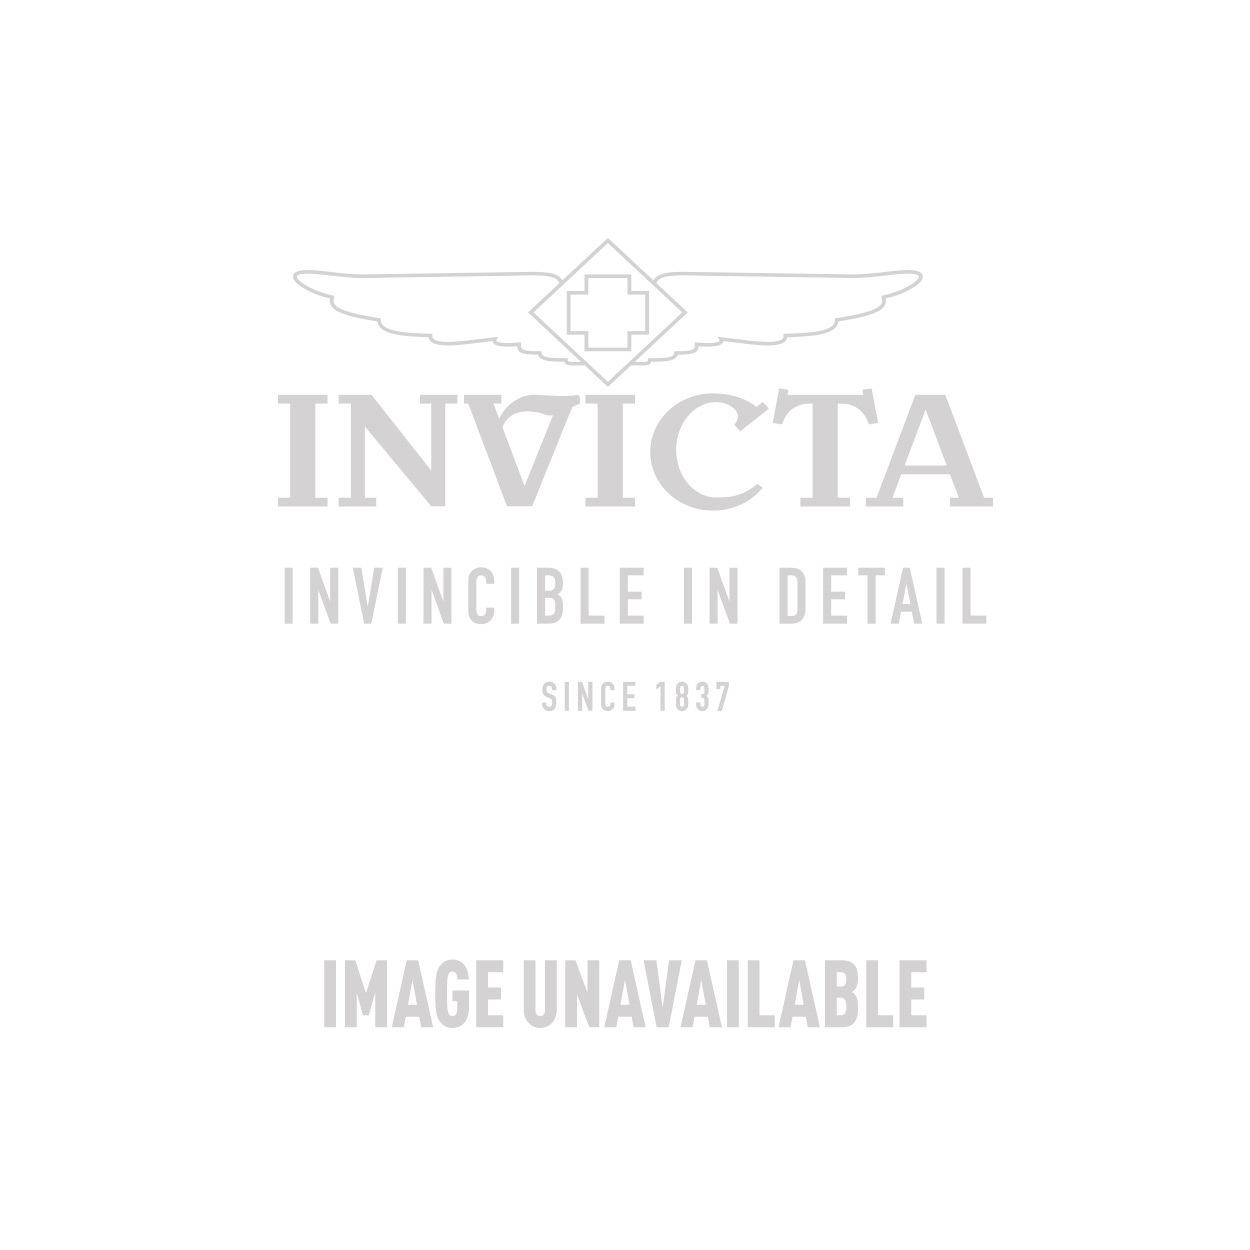 Invicta Model  SC0383